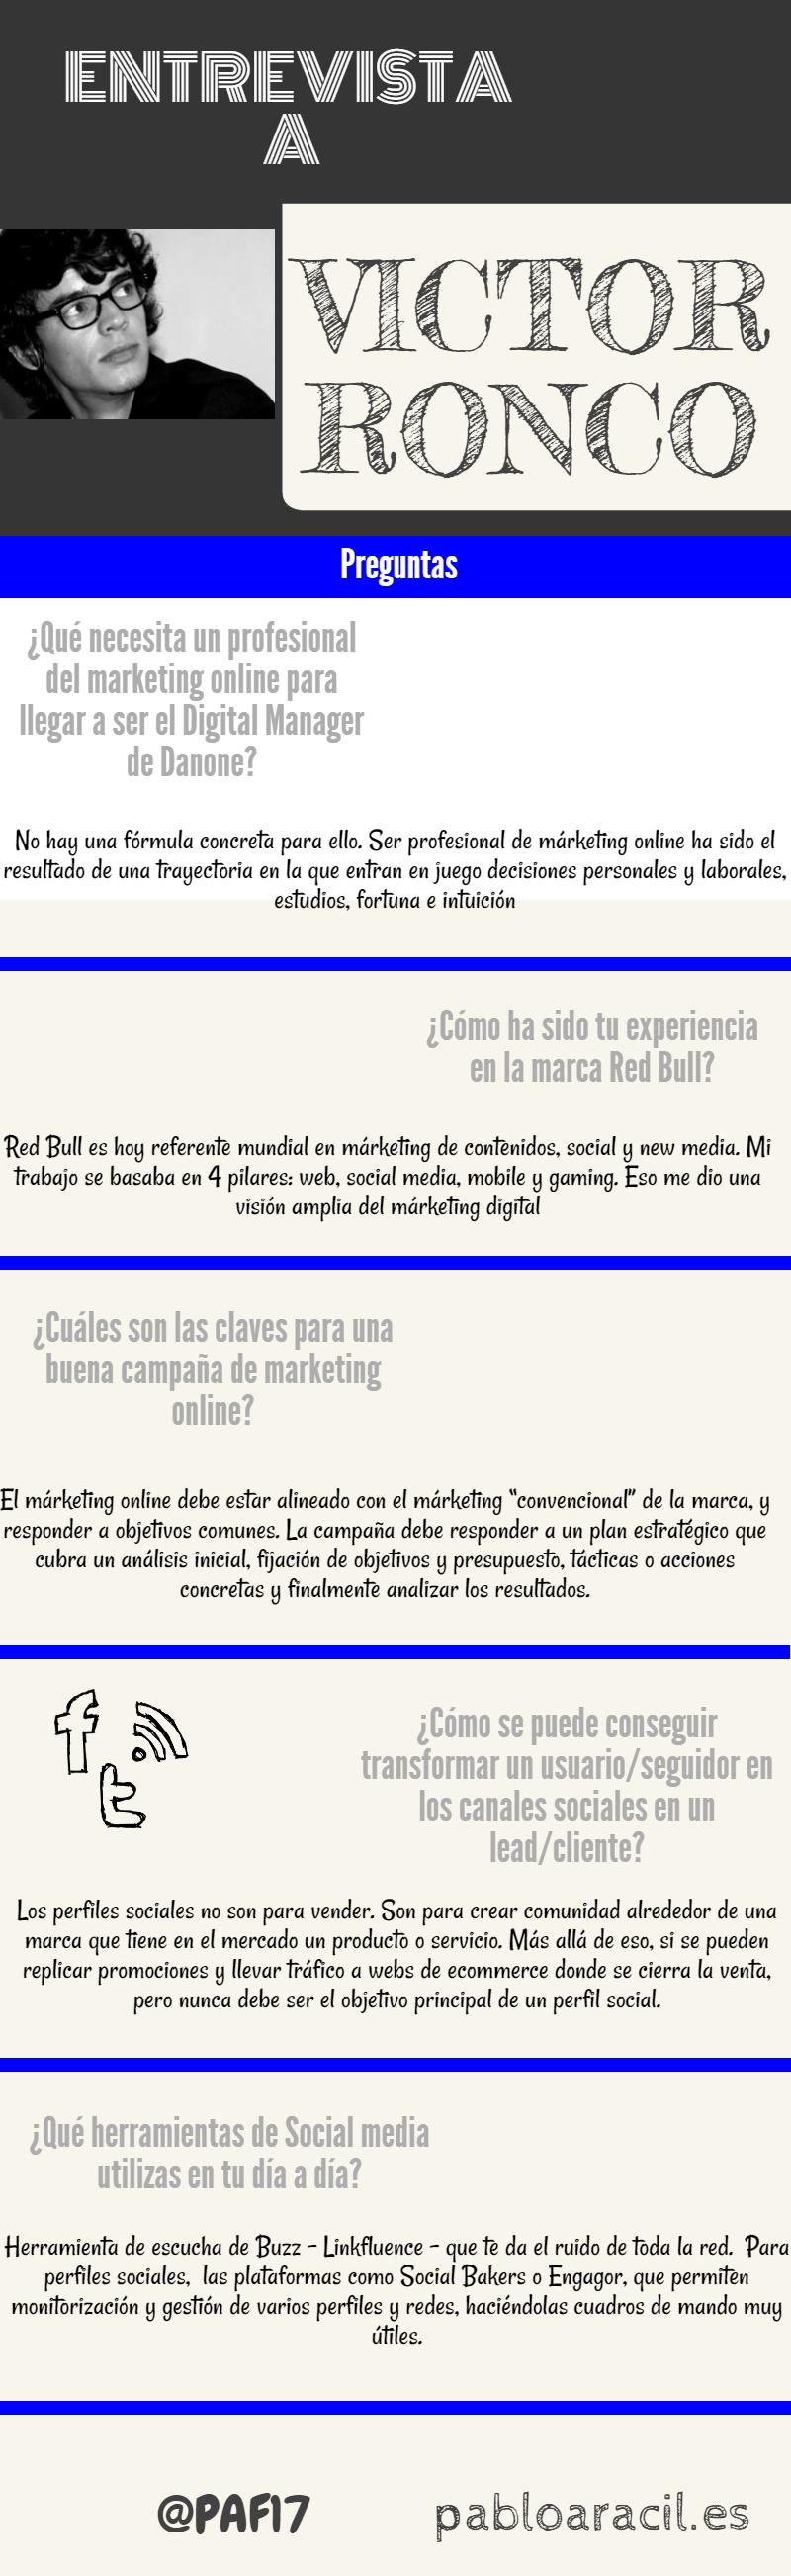 Infografía de entrevista a Víctor Ronco